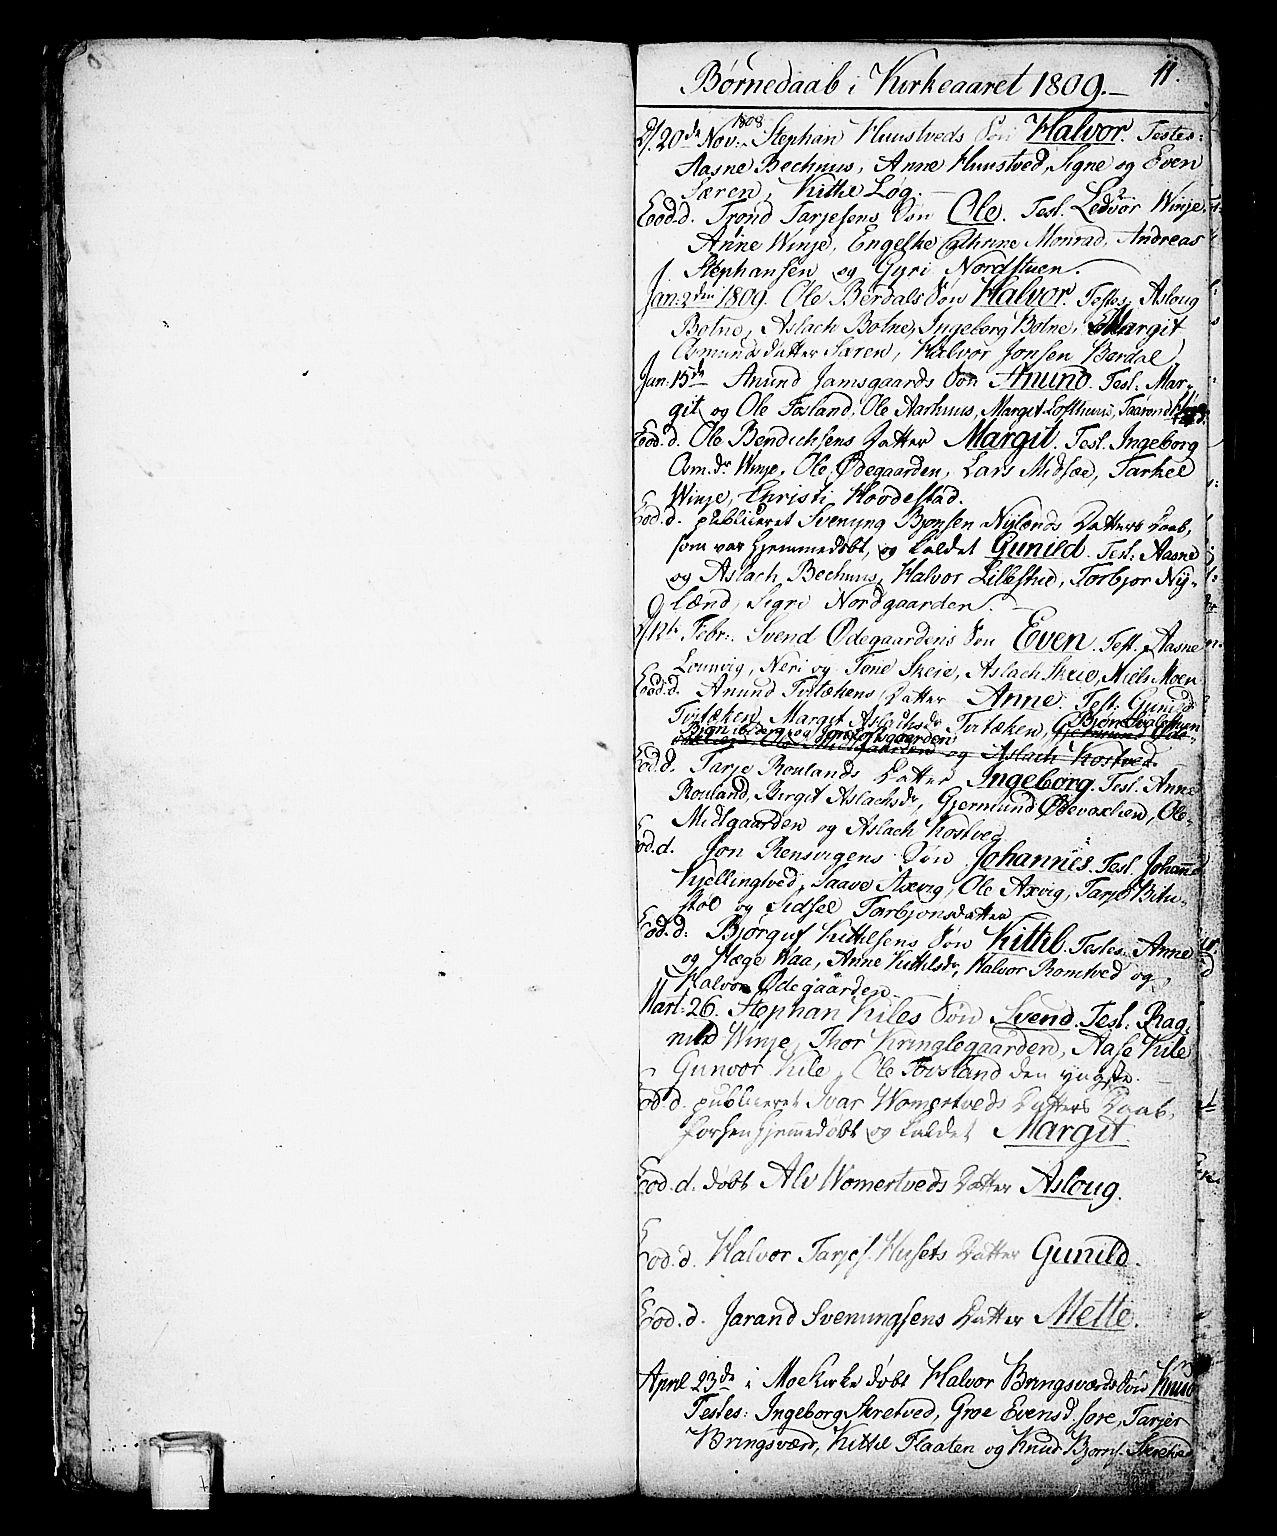 SAKO, Vinje kirkebøker, F/Fa/L0002: Ministerialbok nr. I 2, 1767-1814, s. 11